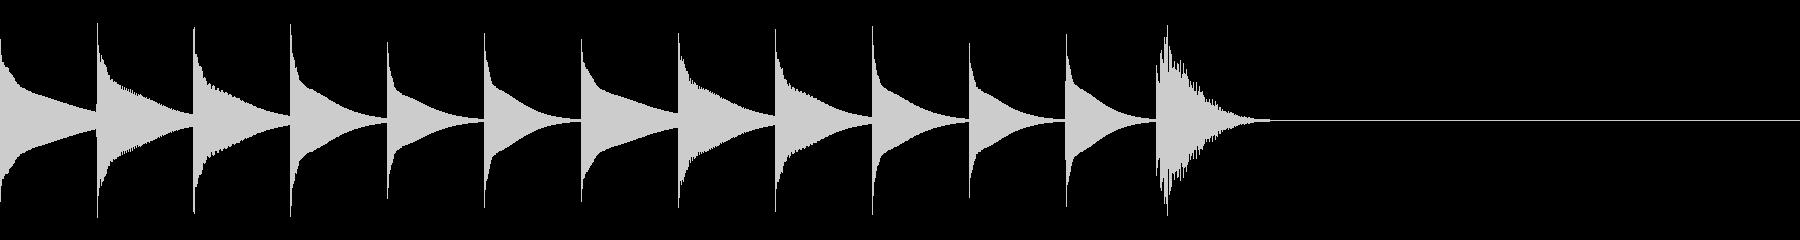 シロフォンを使ったサウンドロゴの未再生の波形